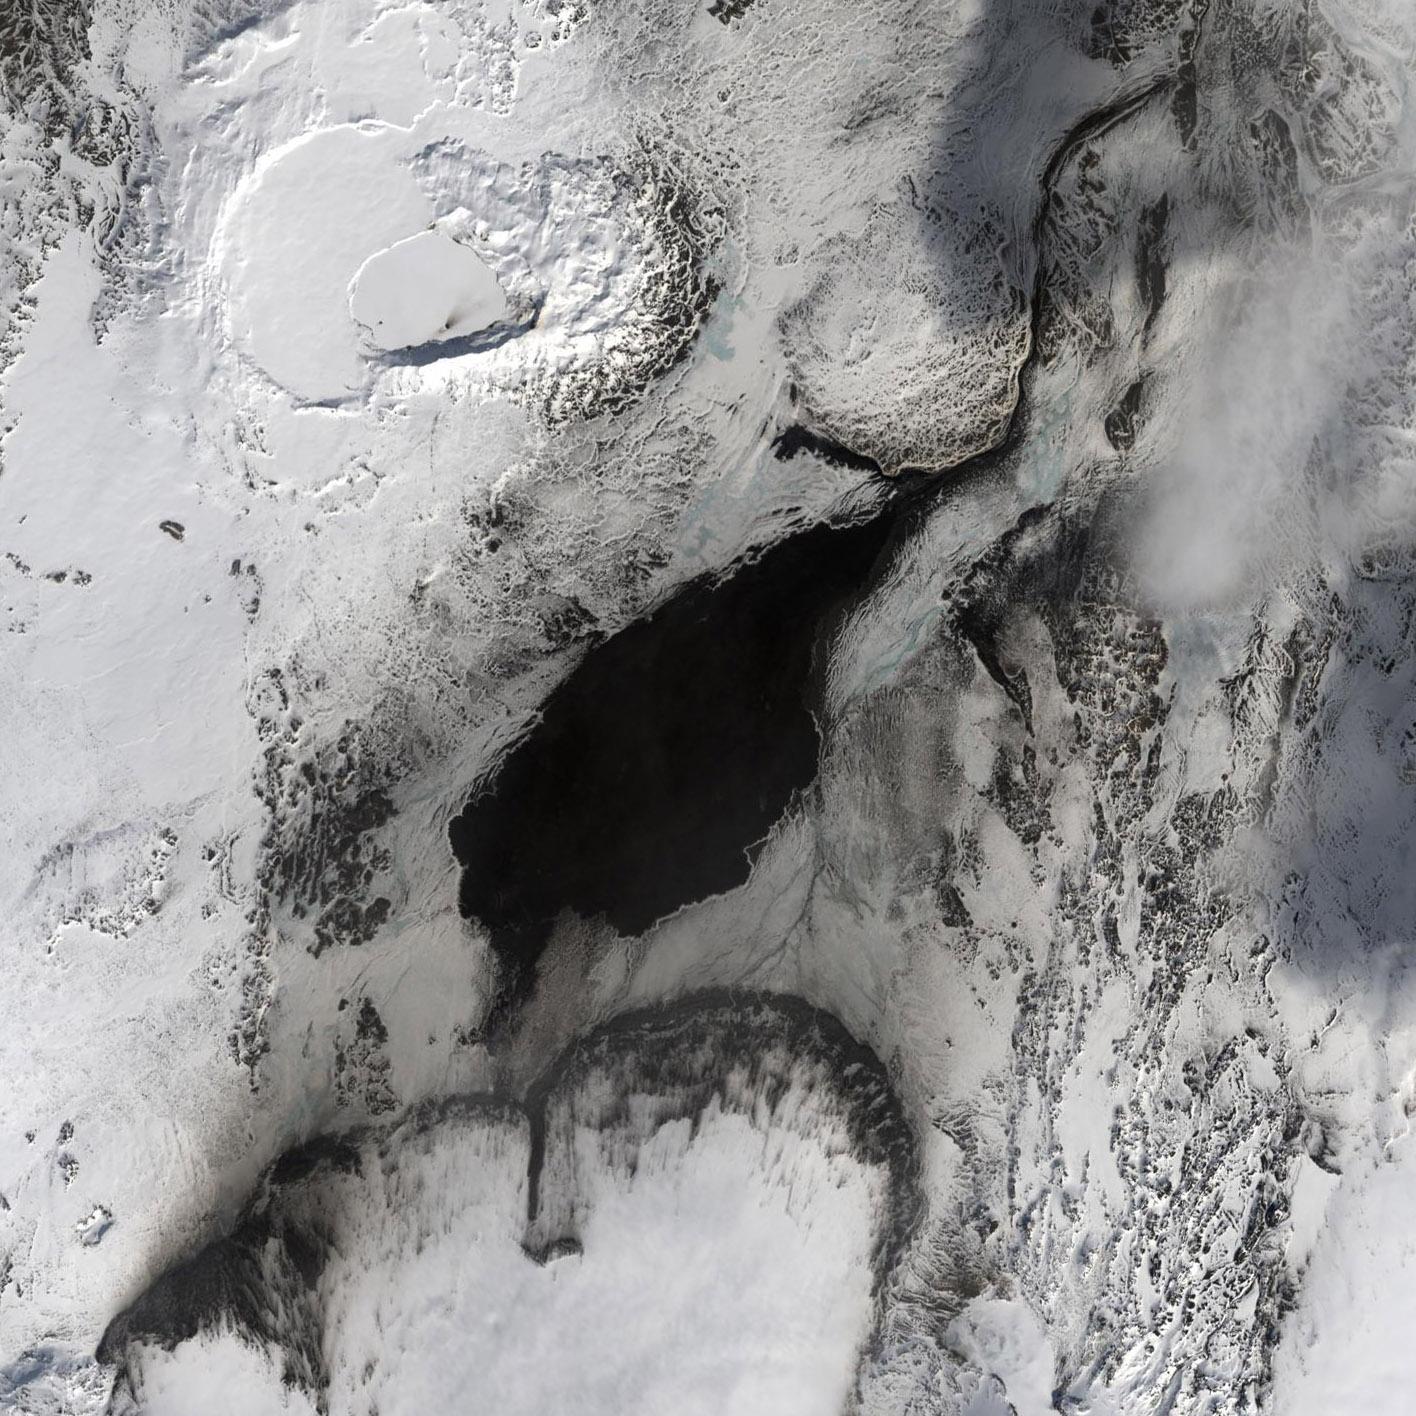 La zona de la erupción con mayor detalle, sacada de la imagen completa del Landsat 8. NASA/USGS.